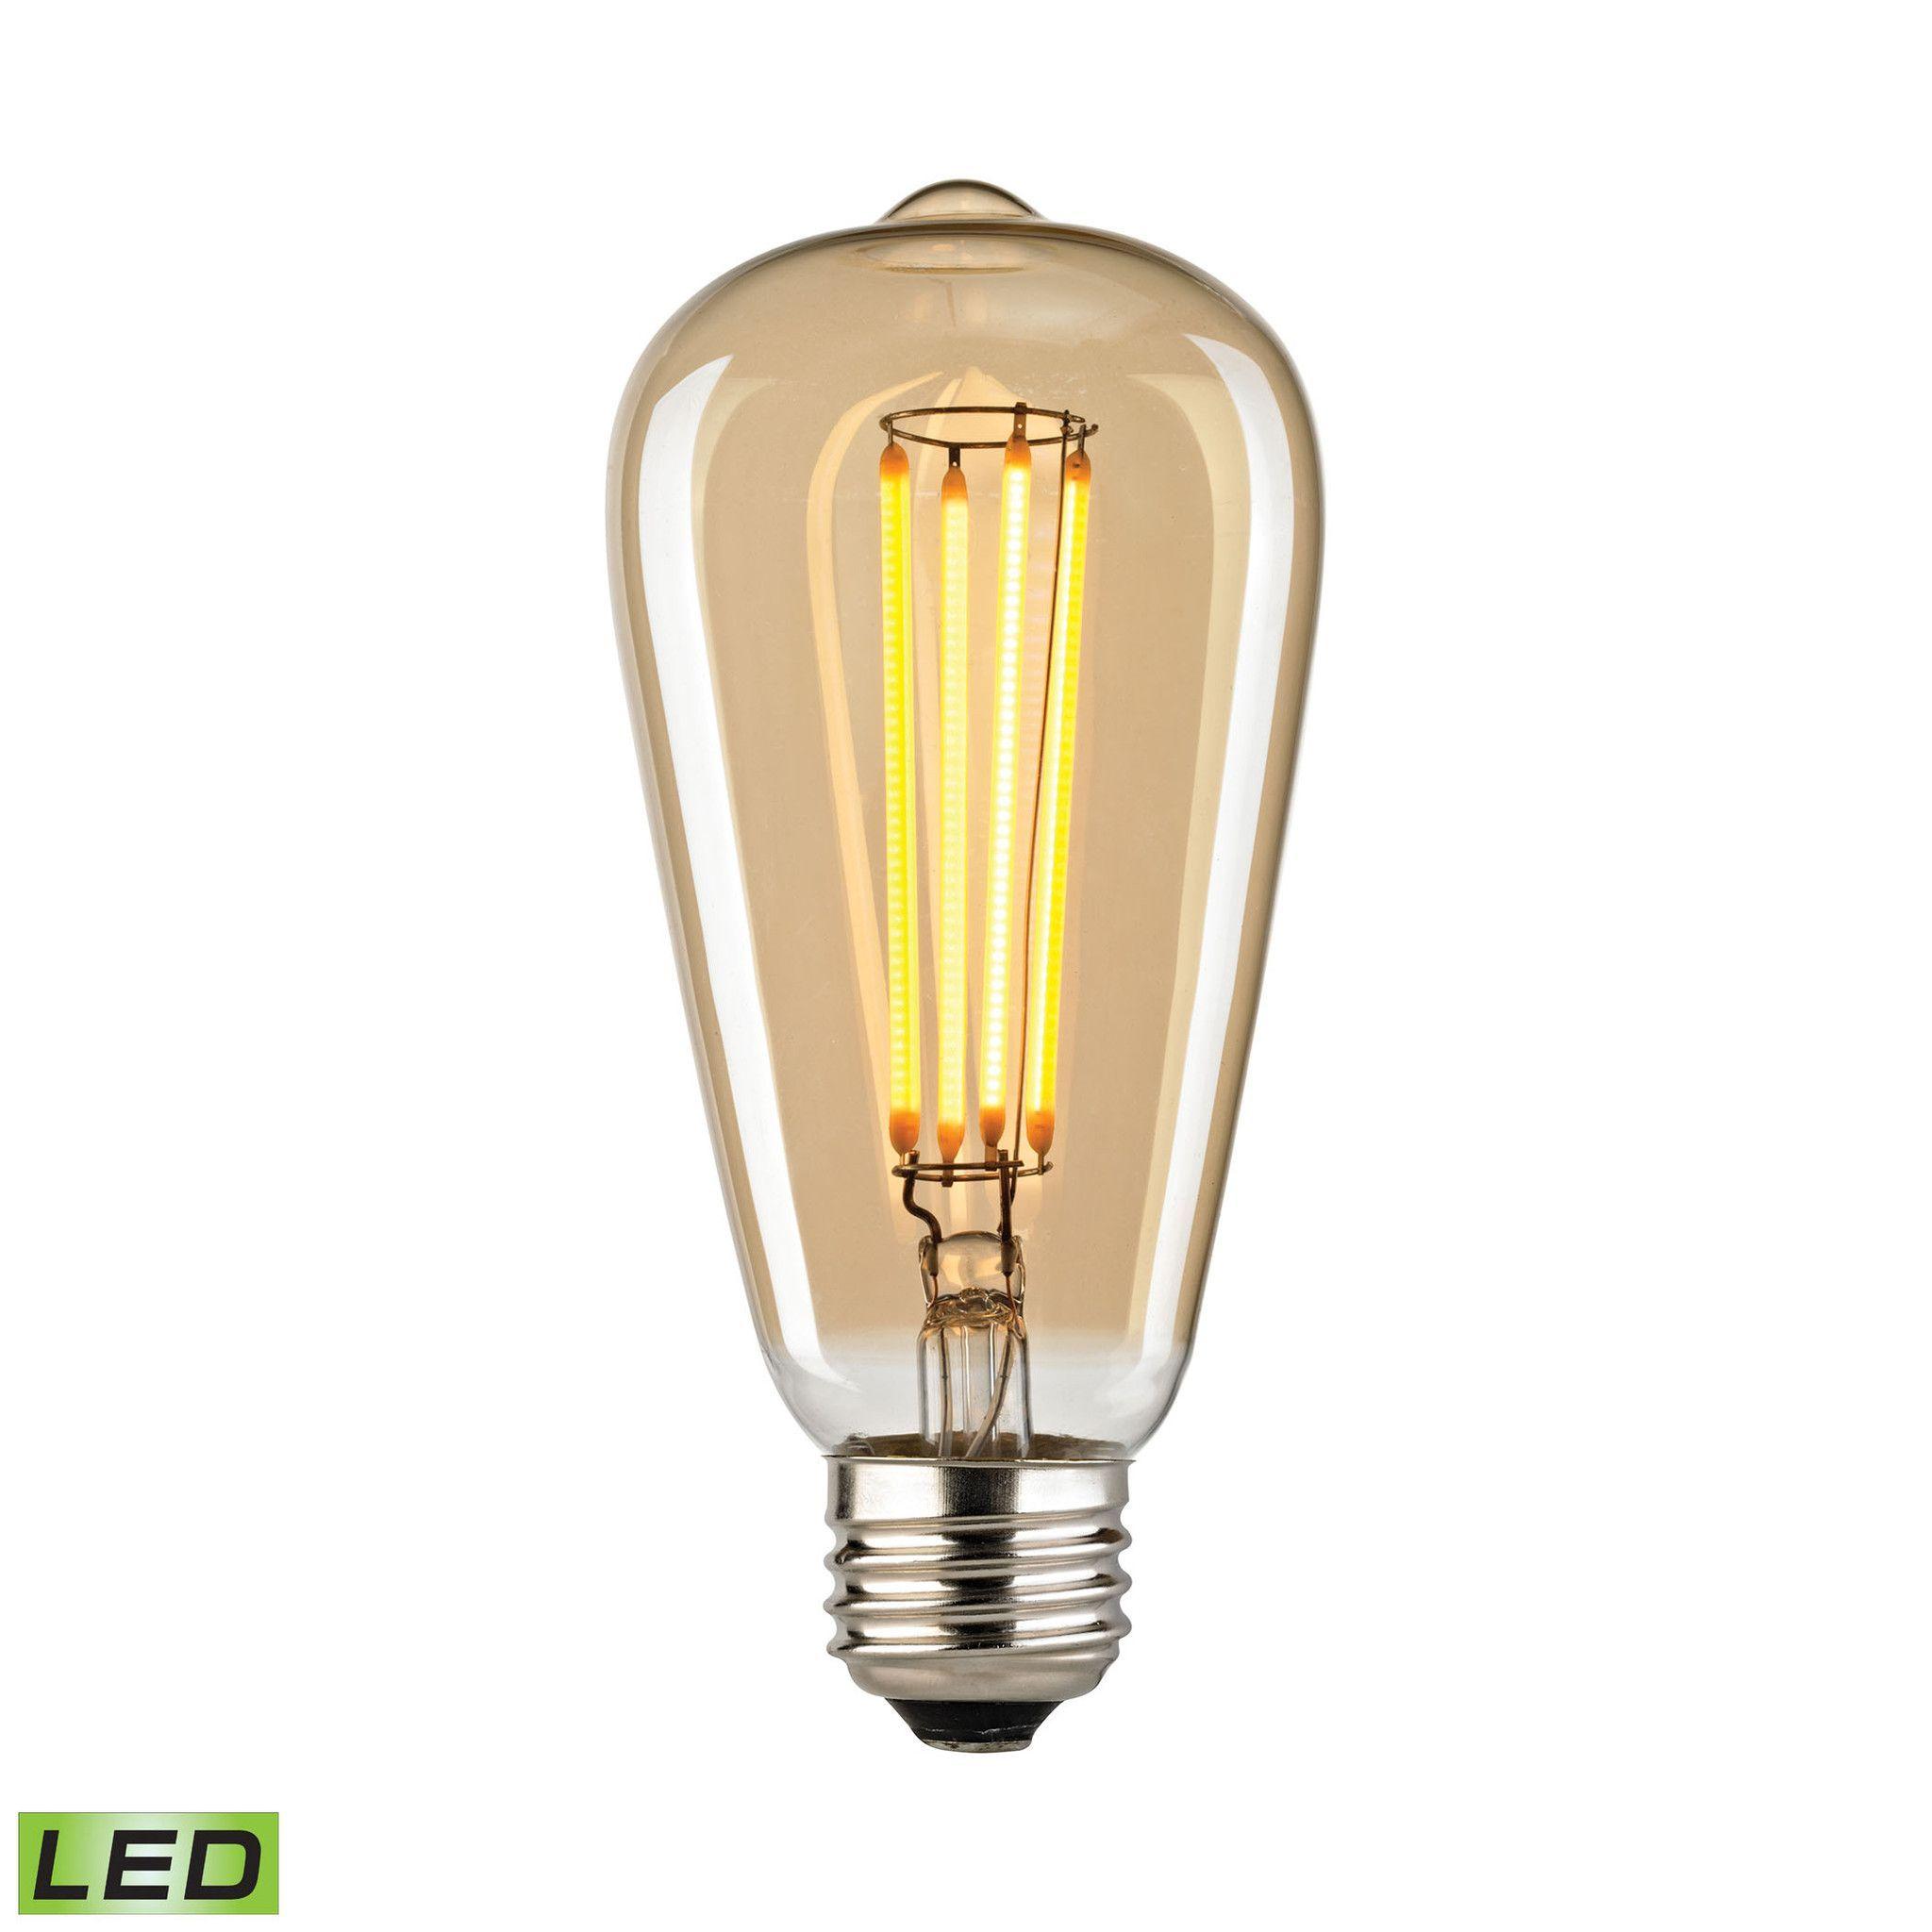 c0fa1a3785b45c01a695daa89c9919a3 Wunderbar Led Lampen E14 Warmweiß Dekorationen